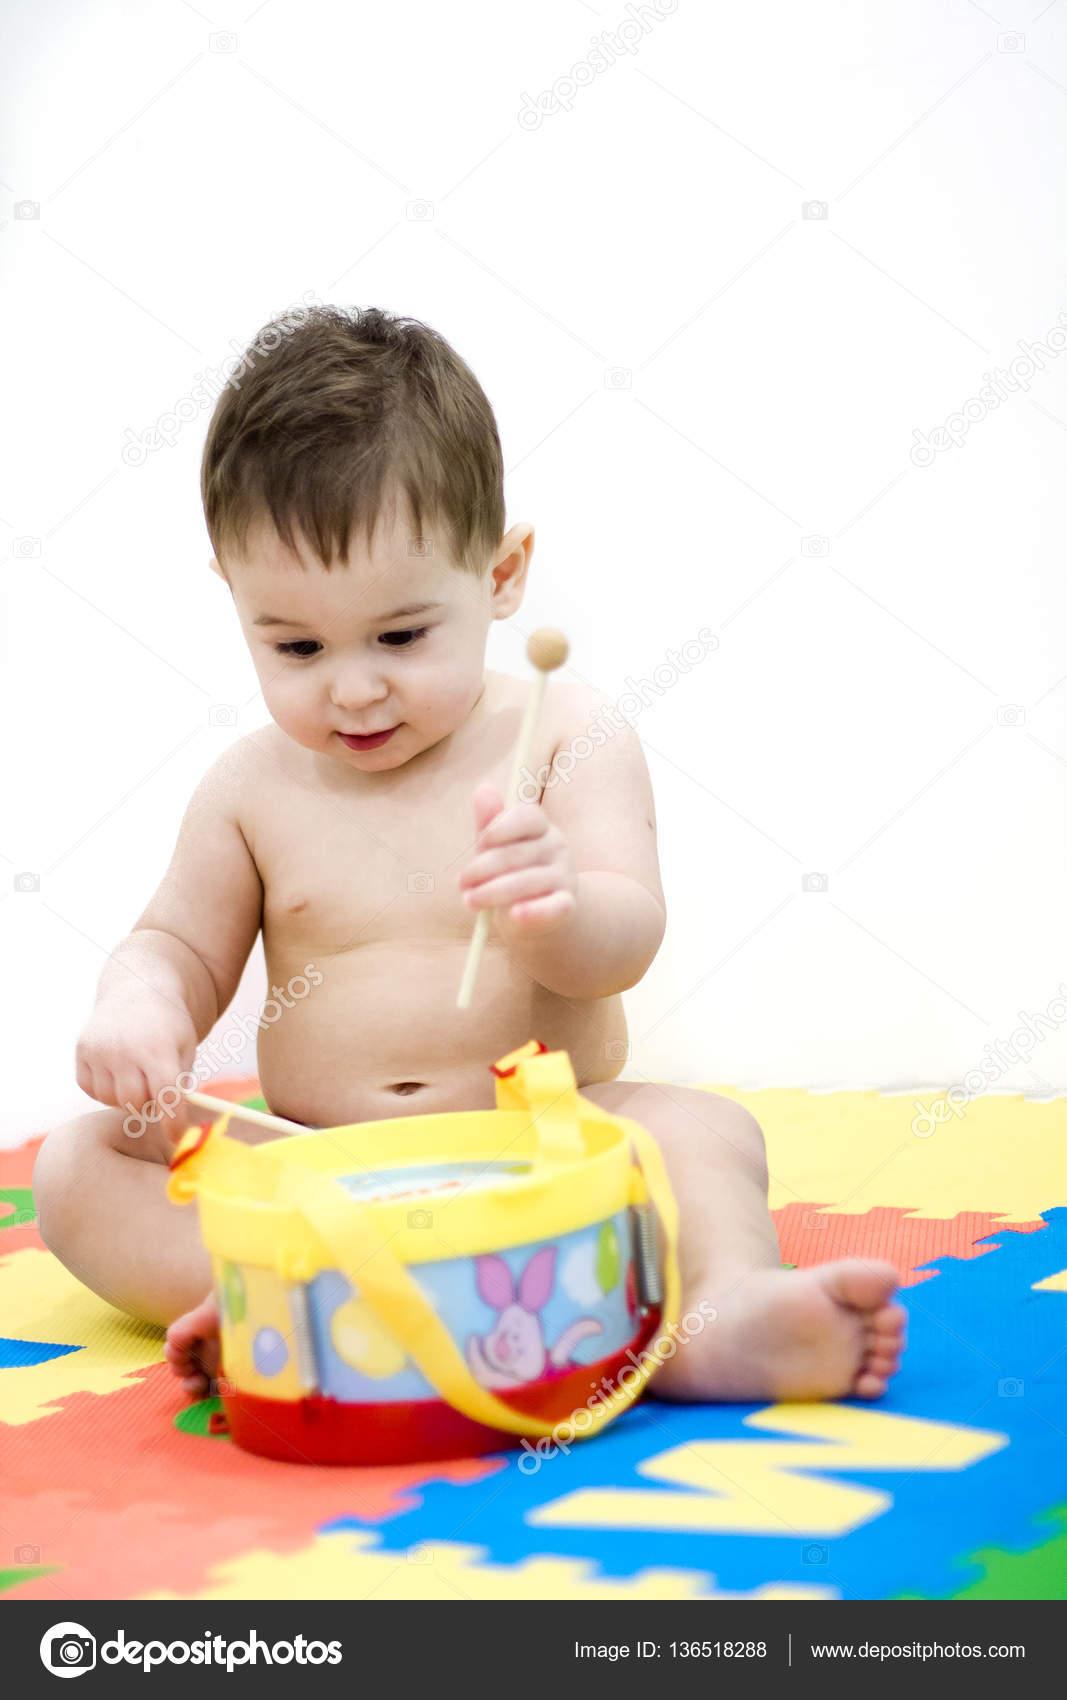 Juguetes Bebe De 8 Meses.Juguete Musical Juego De Bebe Nino El Nino Aprende A Tocar